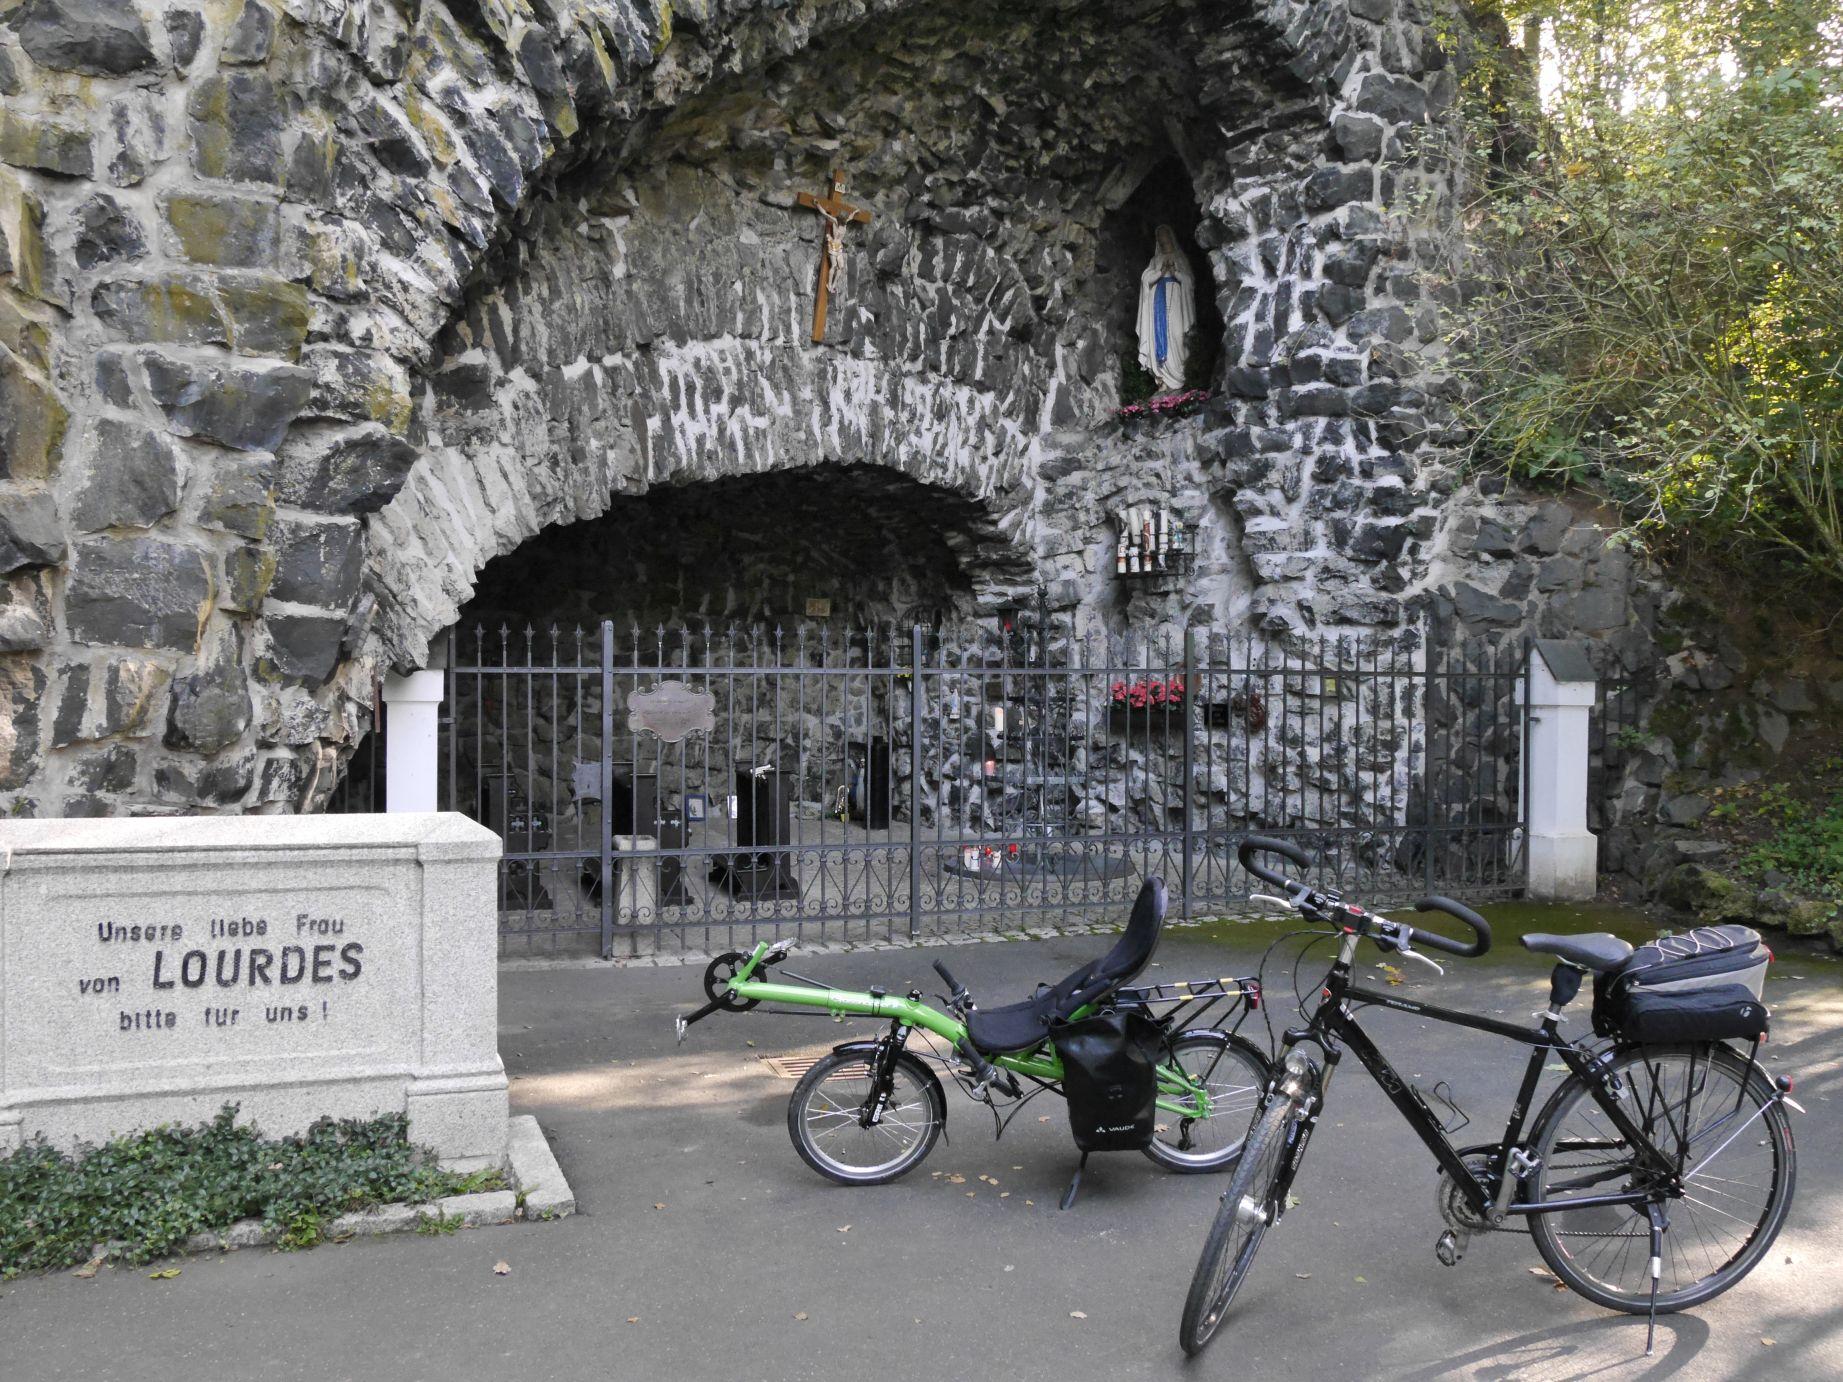 Im Stiftland spielt Kirche und Glaube seit Jahrhunderten eine wichtige Rolle.